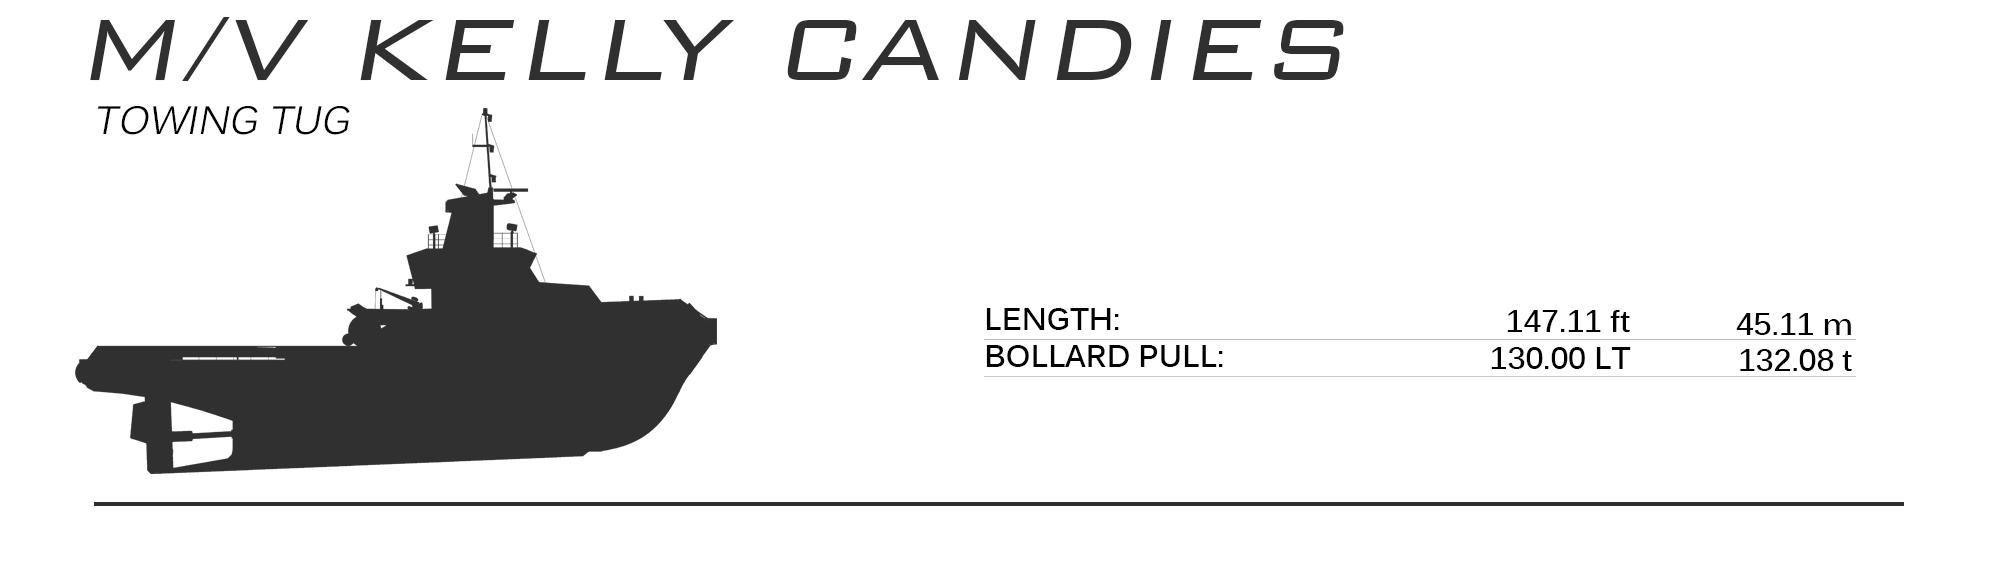 KELLY CANDIES.jpg